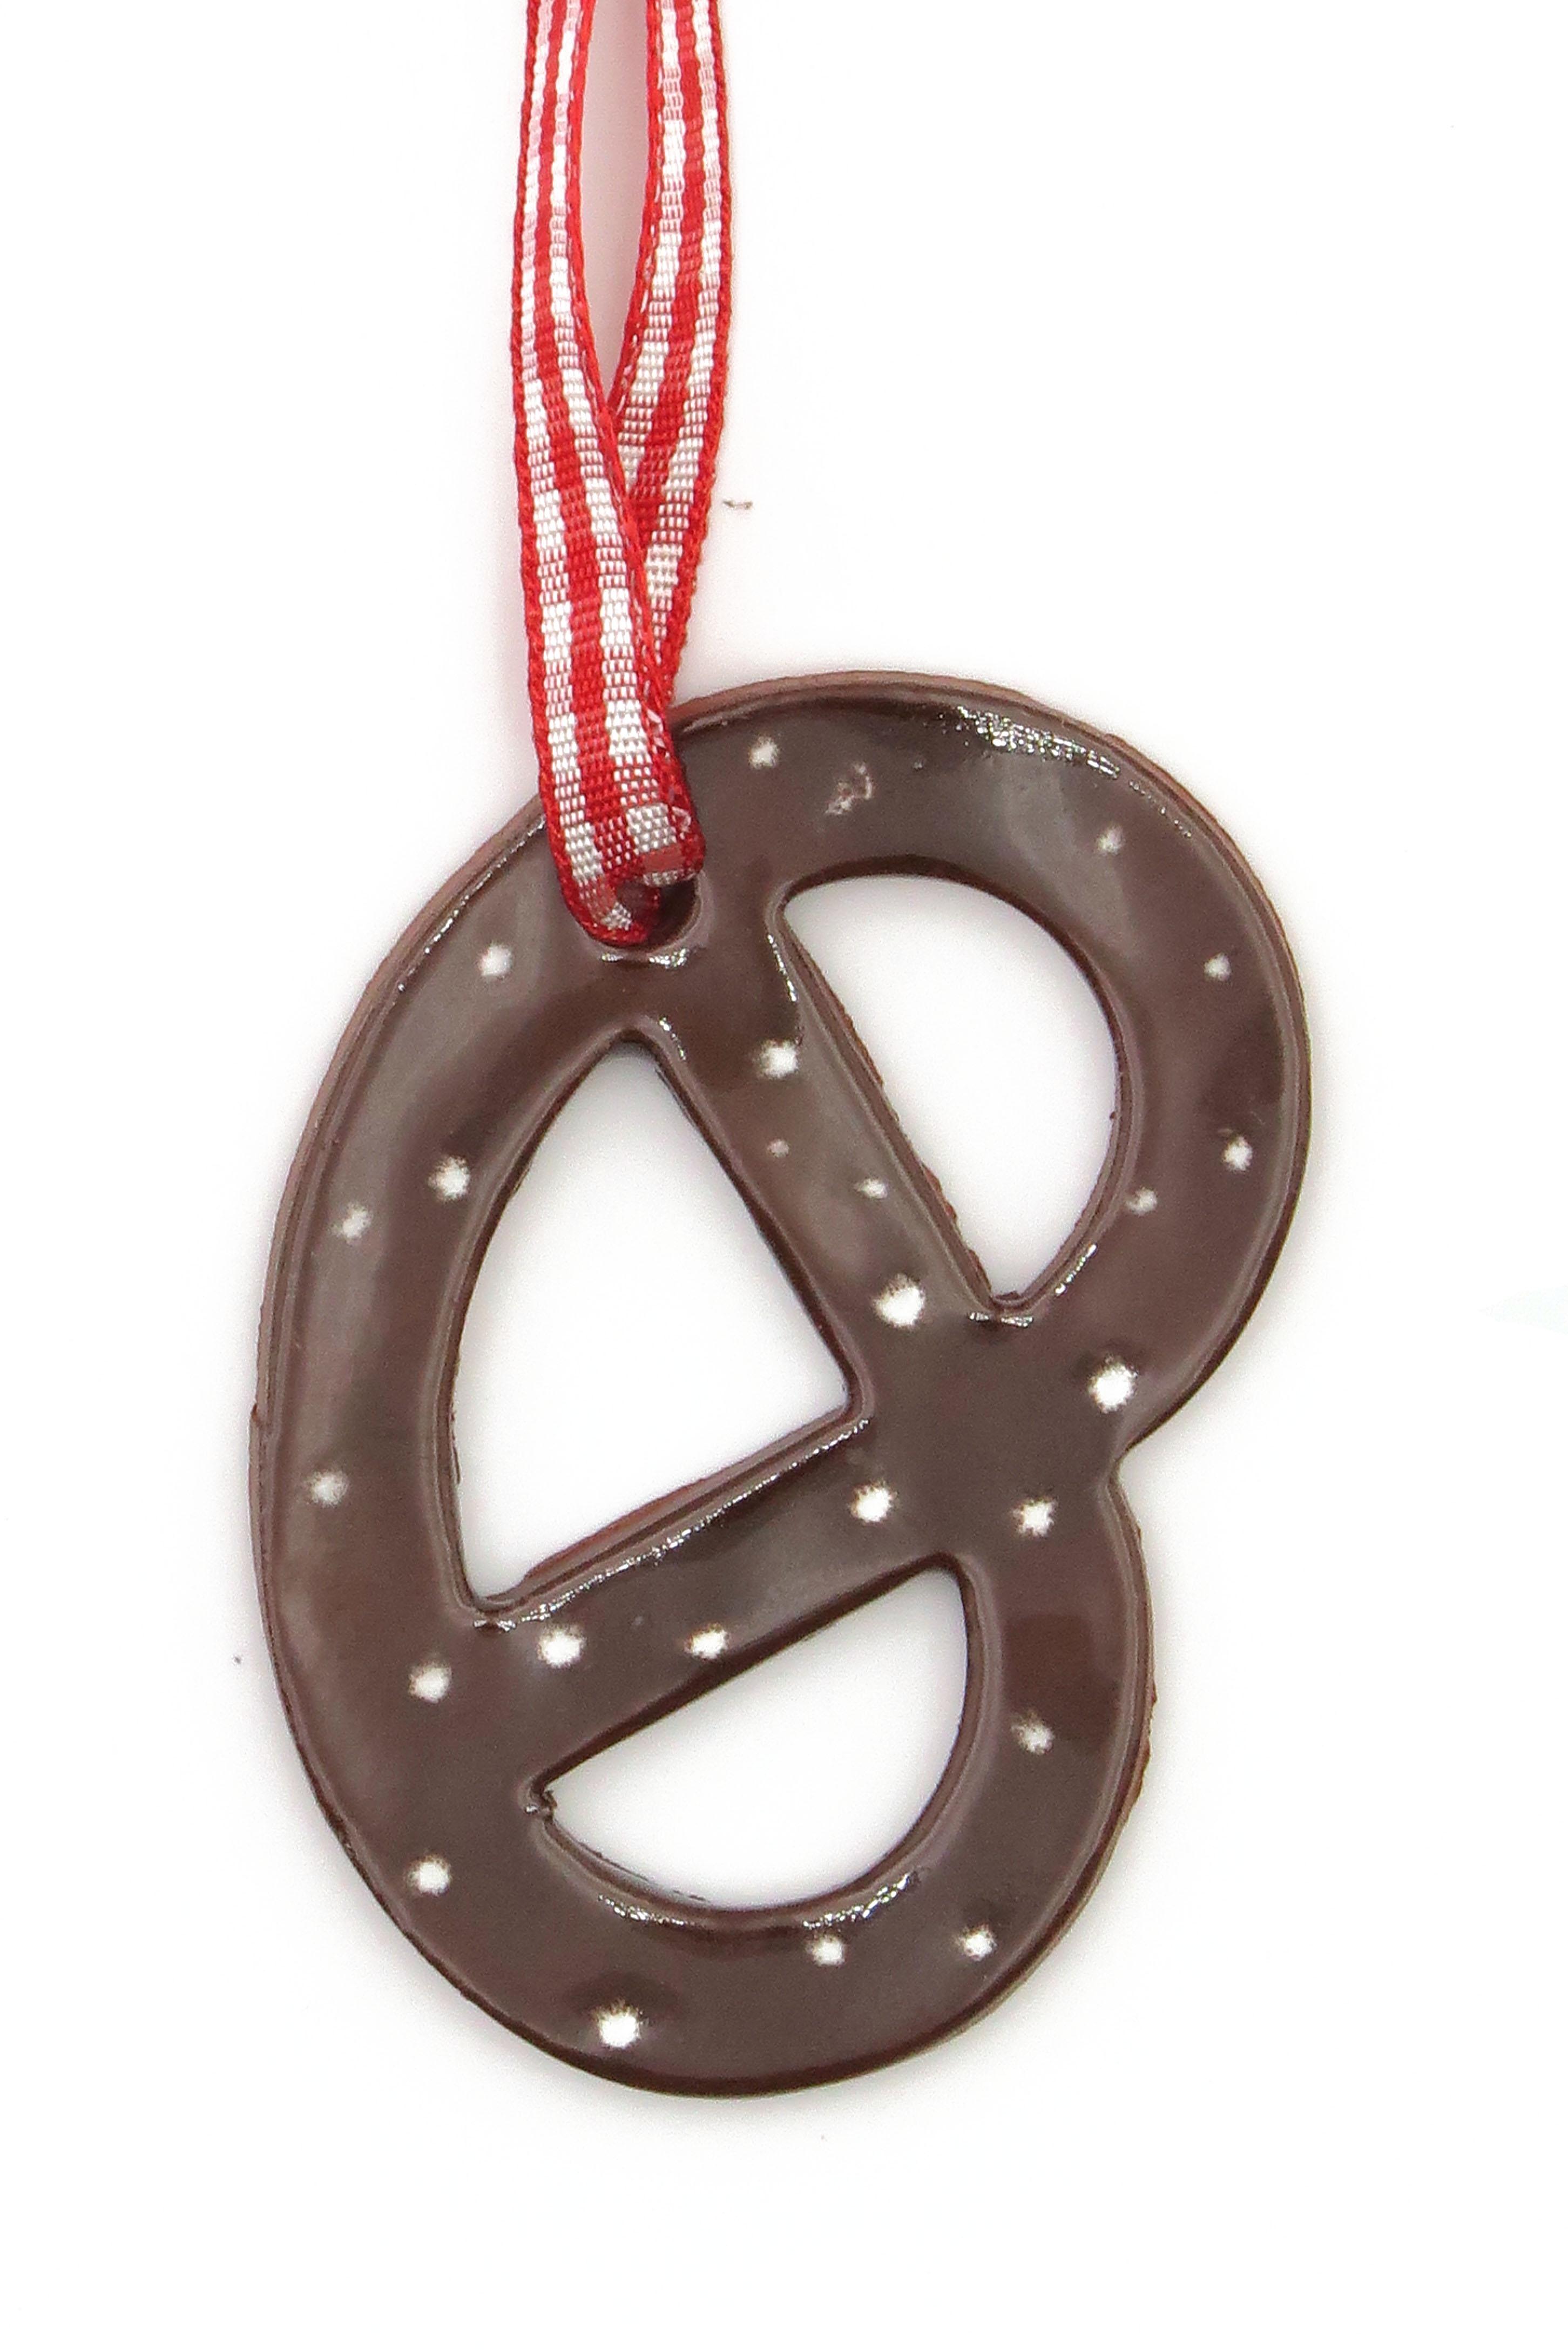 Schoko Lebkuchen Brezel mit Zuckerguss Keramik Geschenk Anhänger Weihnachten/ M 5,5cm